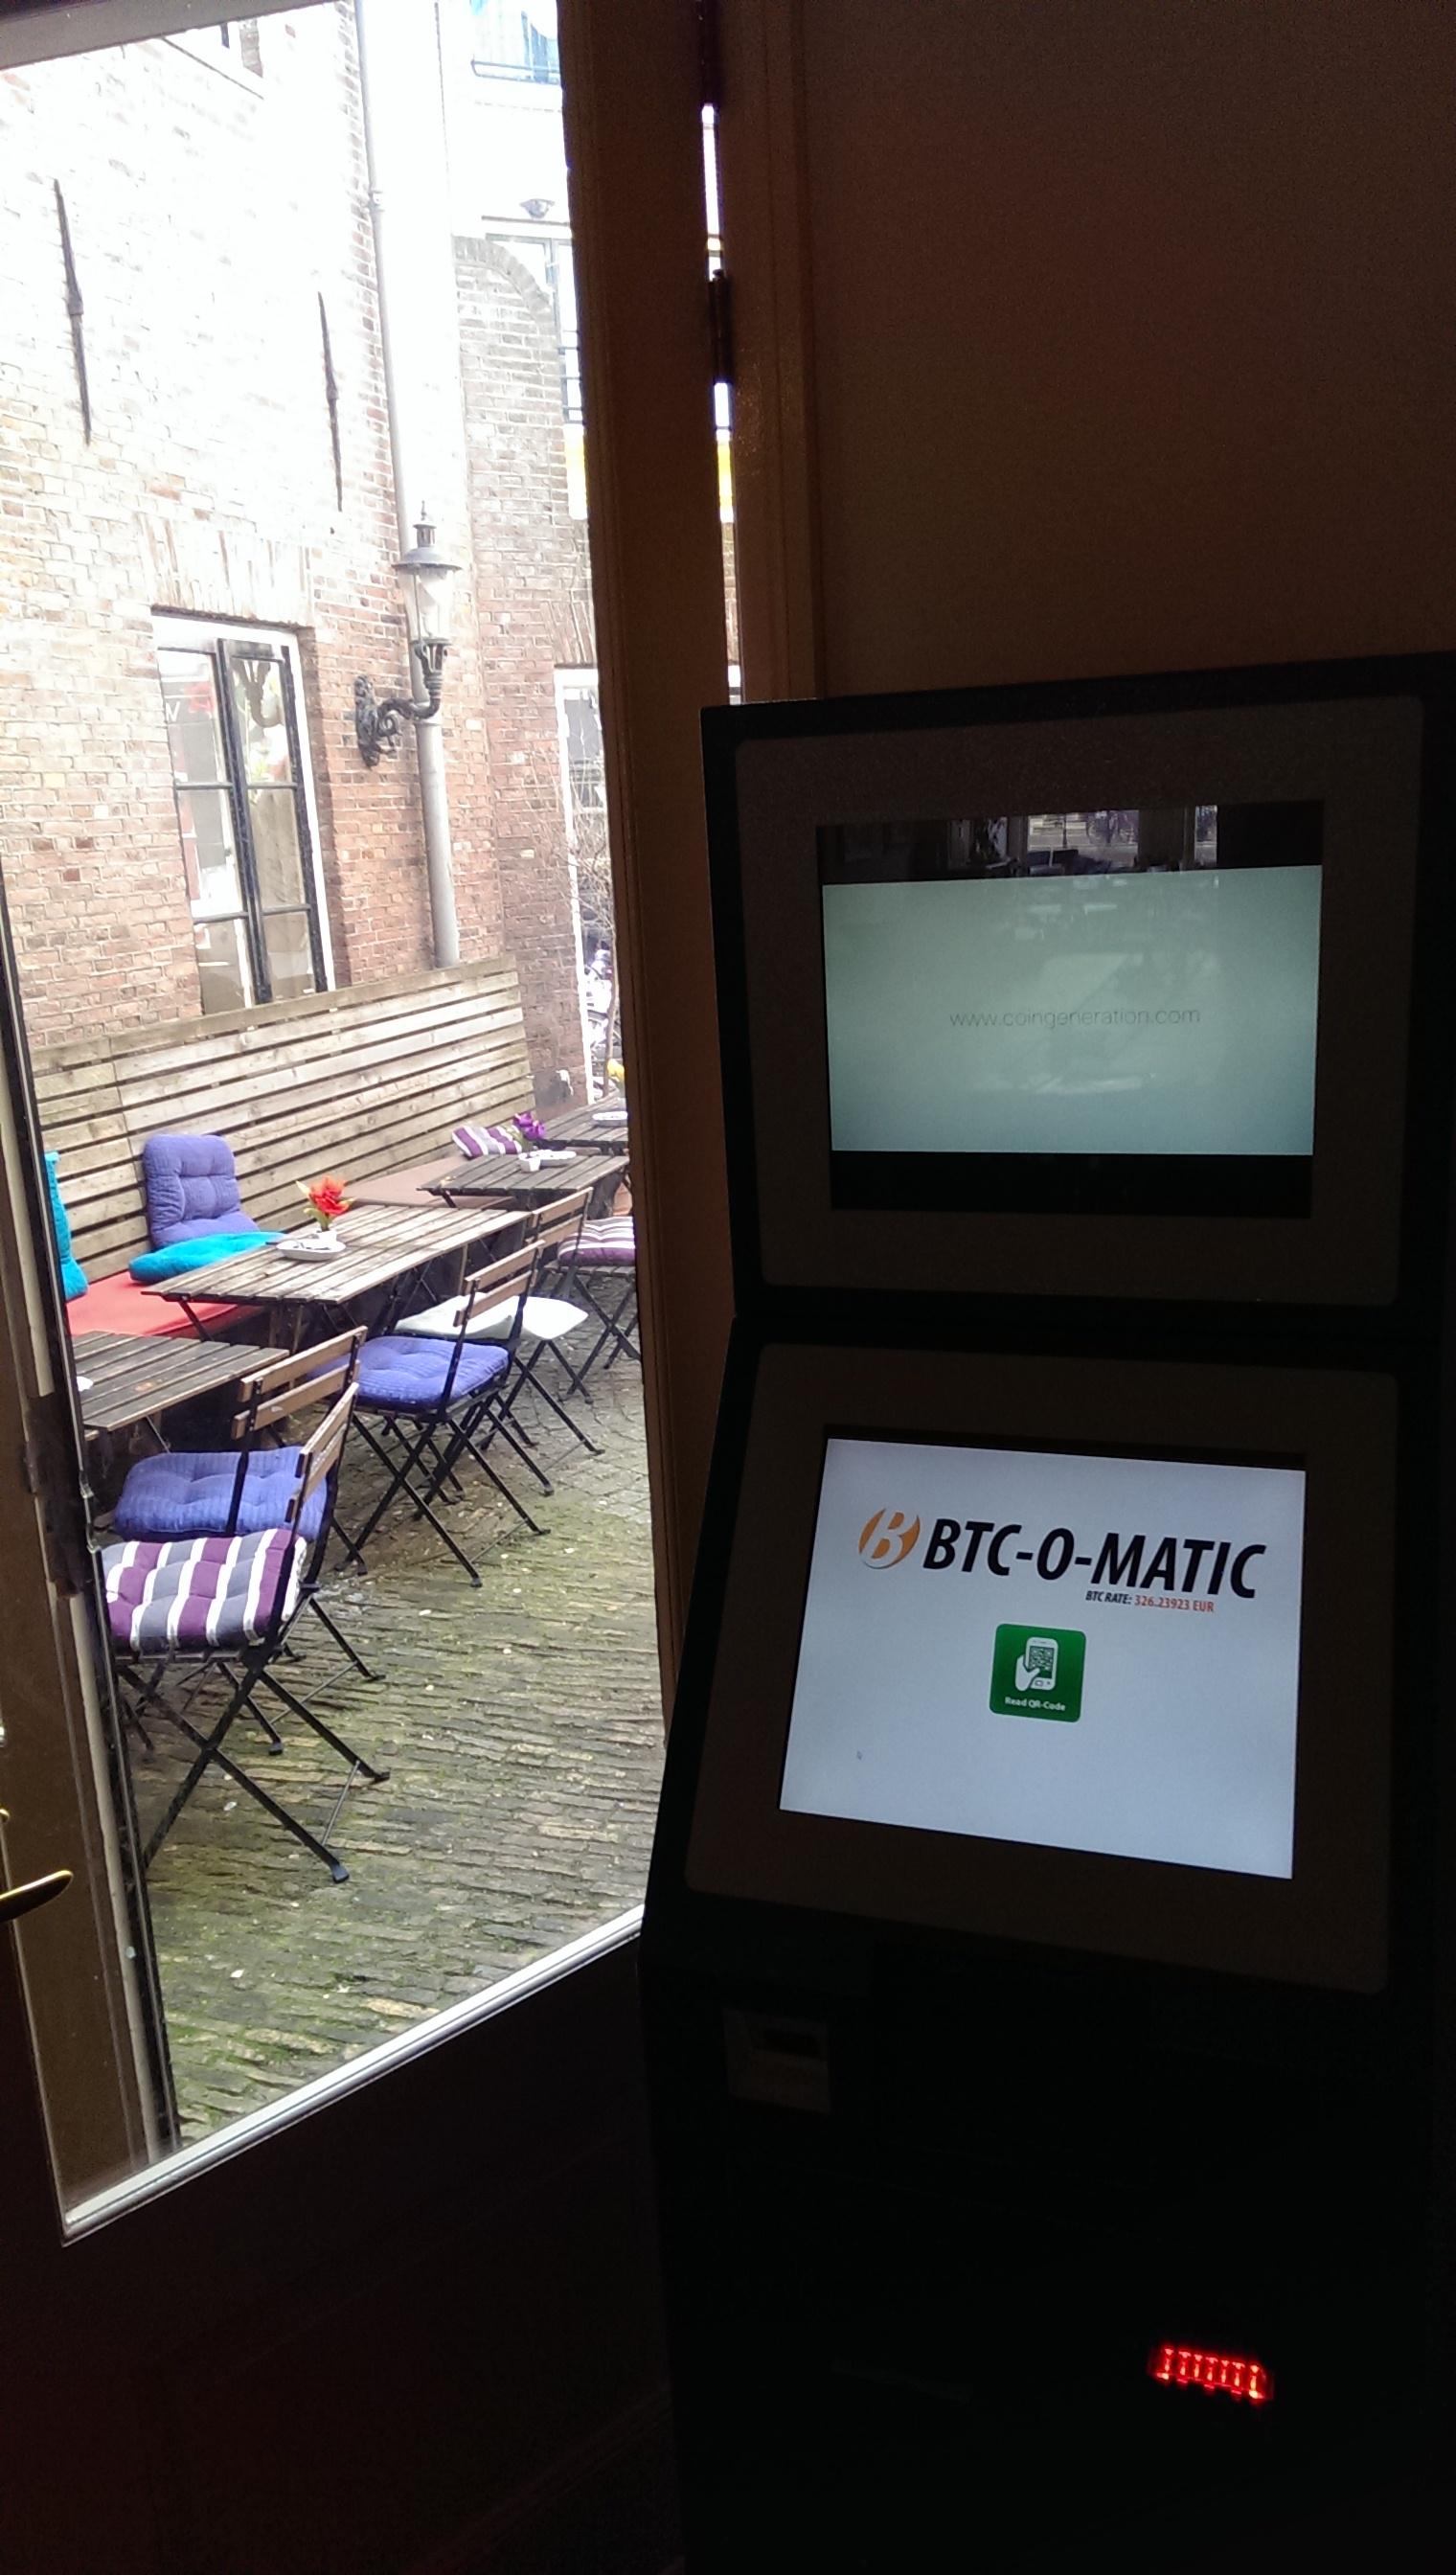 Bitcoin-ATM-van-binnen-donkerder-1520x2688